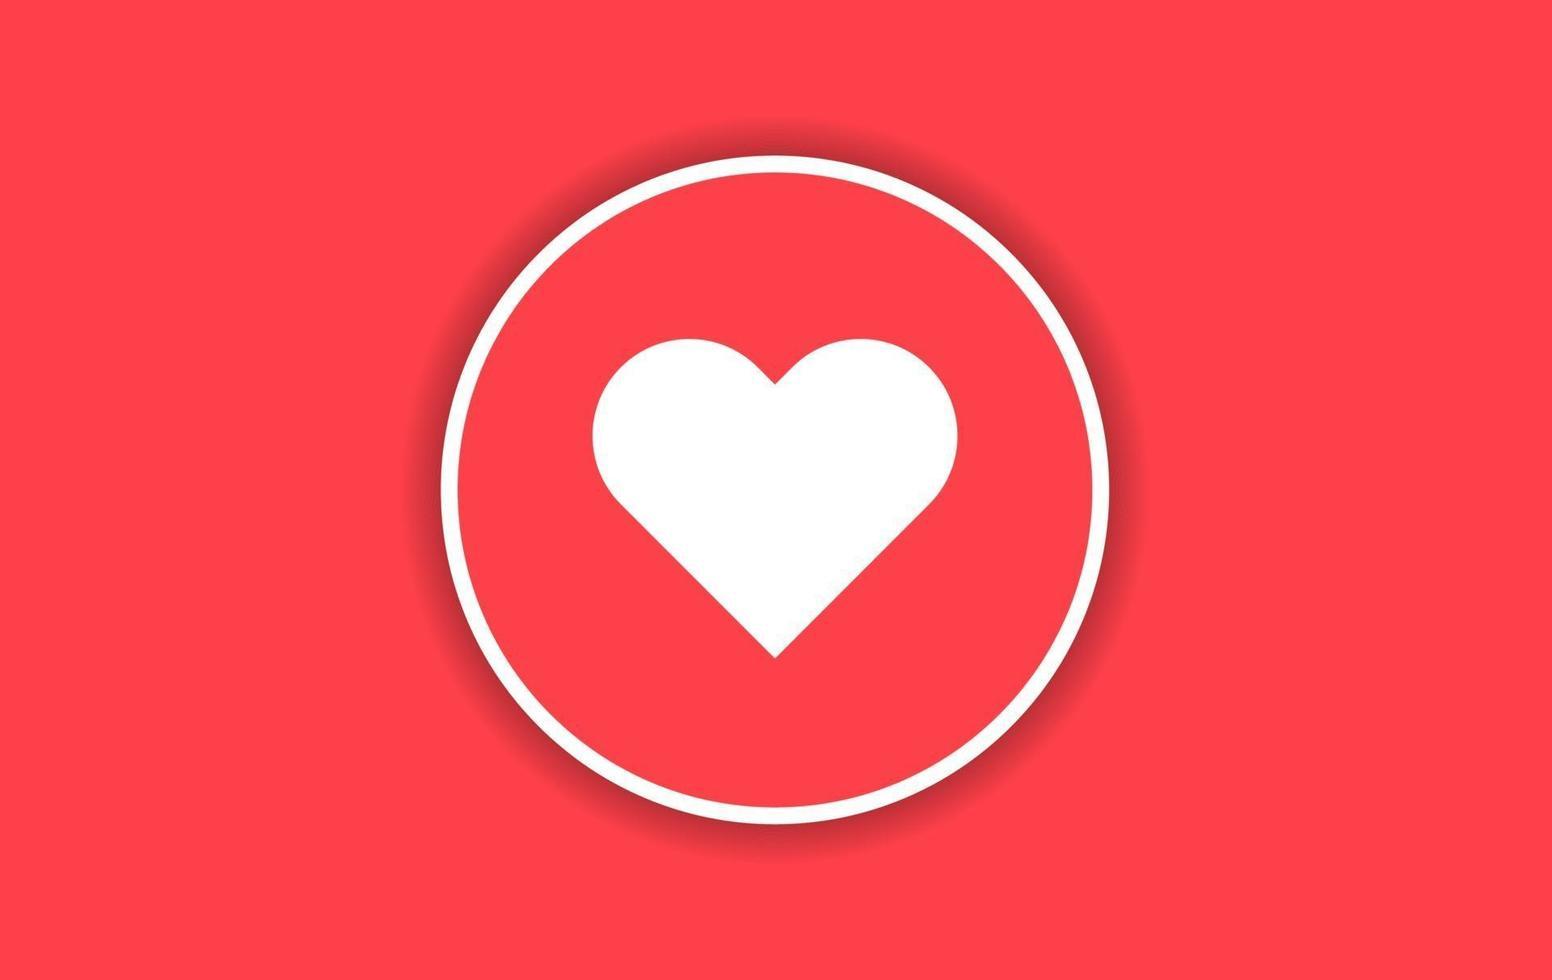 liefde pictogram ontwerp met rode achtergrond vector